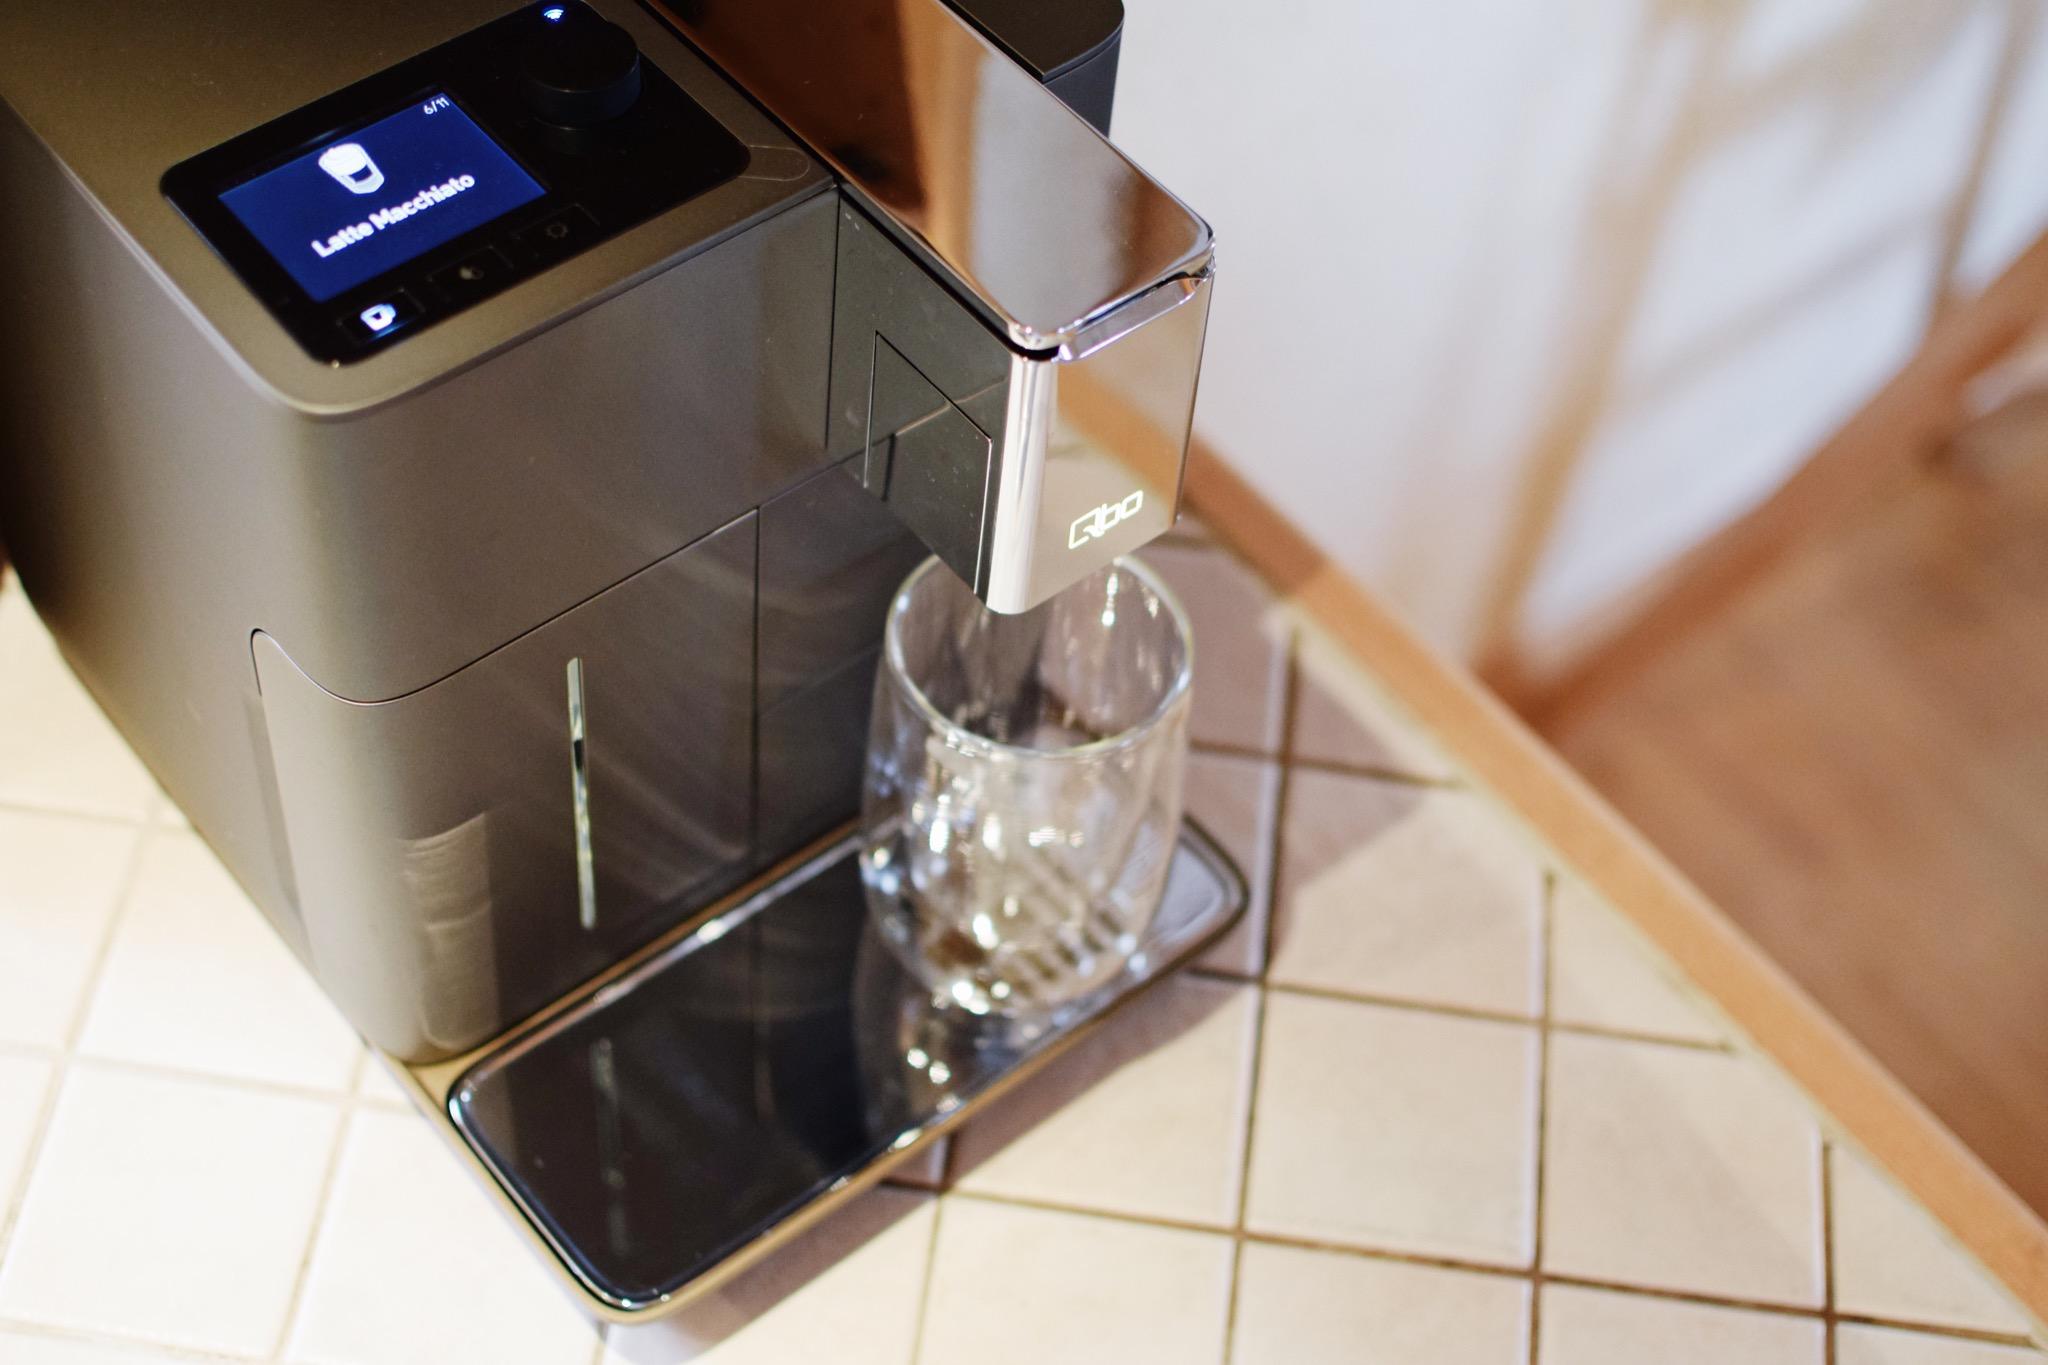 qbo smarte Kaffeemaschine 12